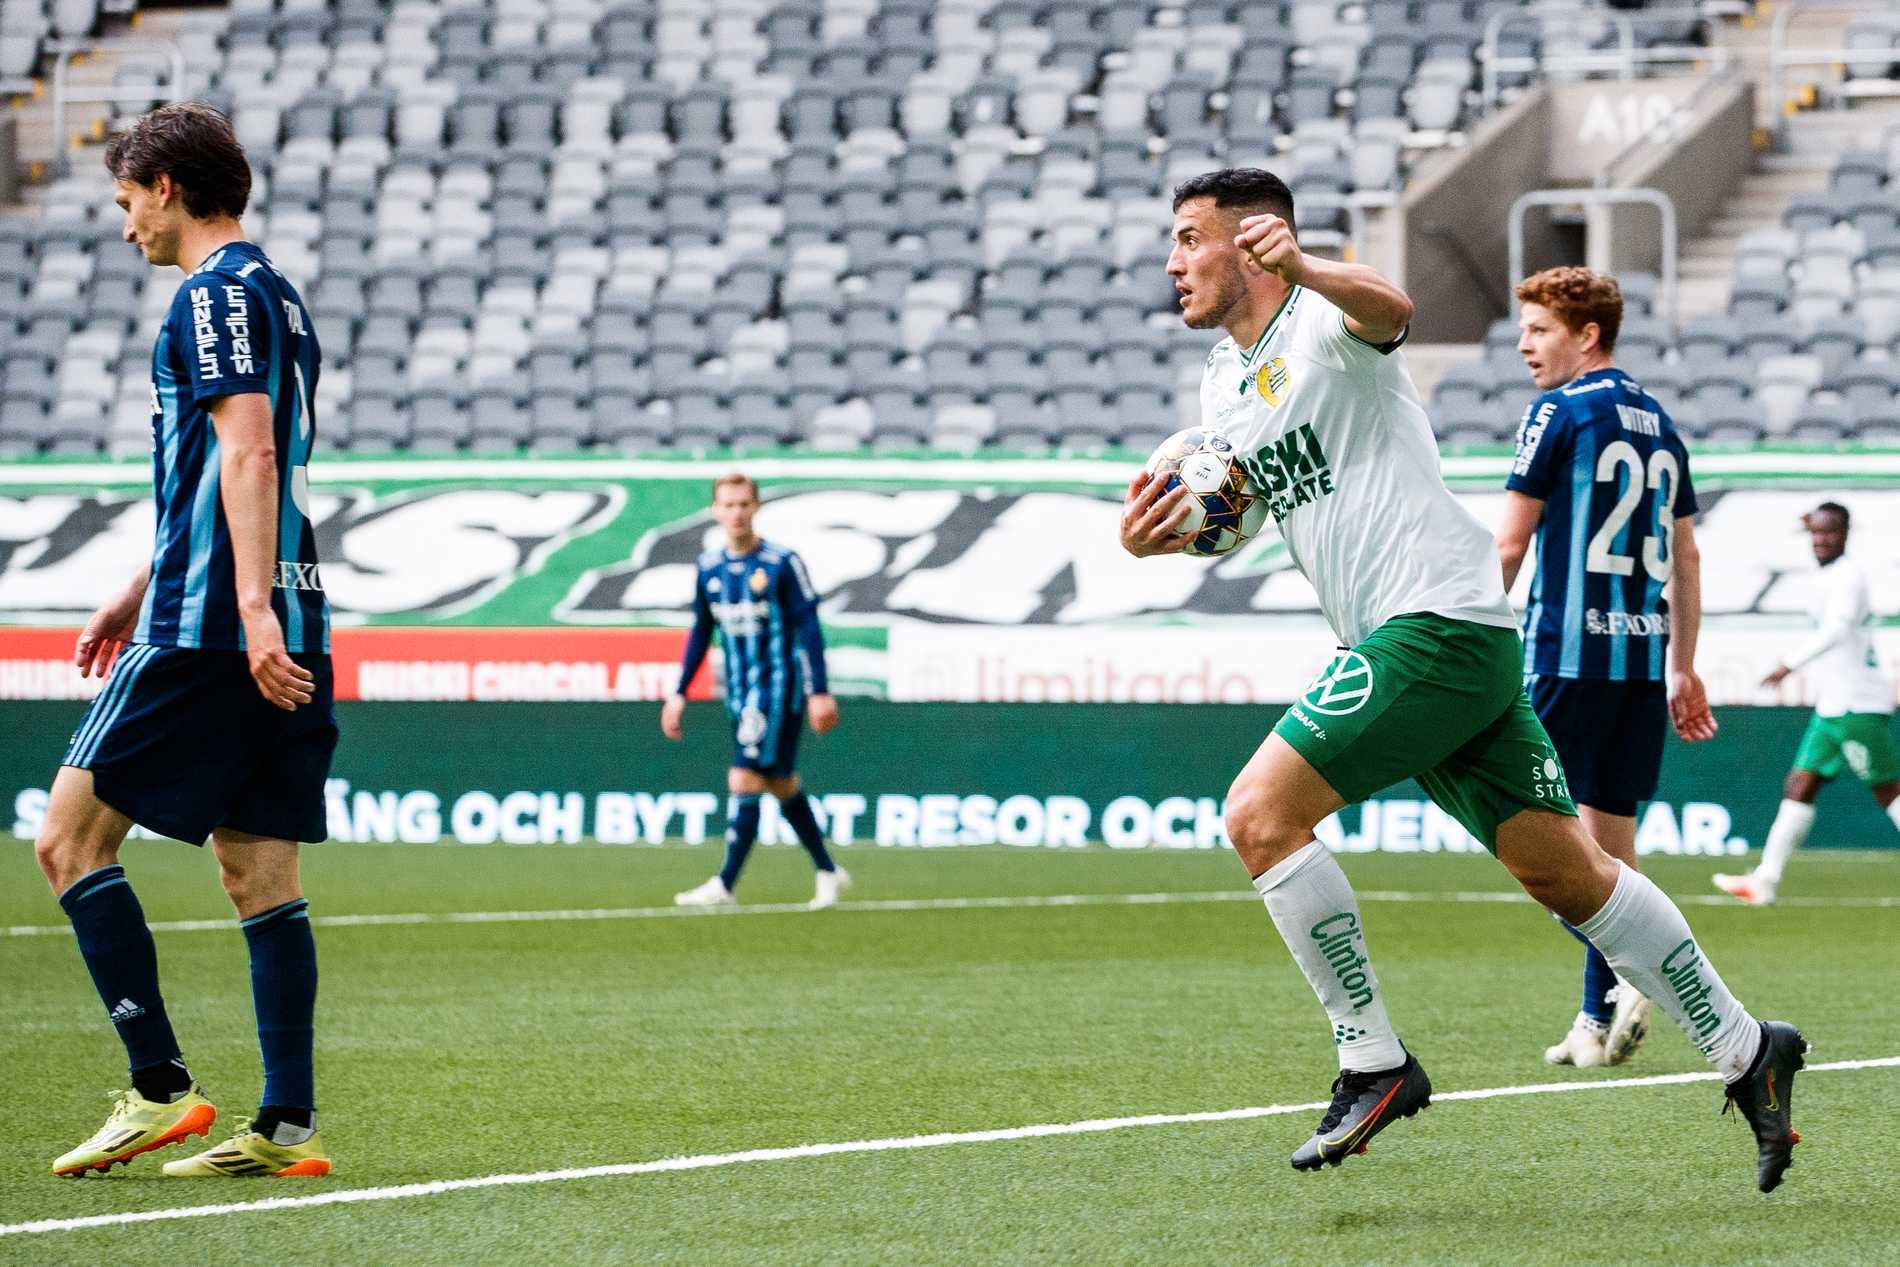 Astrit Selmani gjorde sitt första allsvenska mål i klubben.